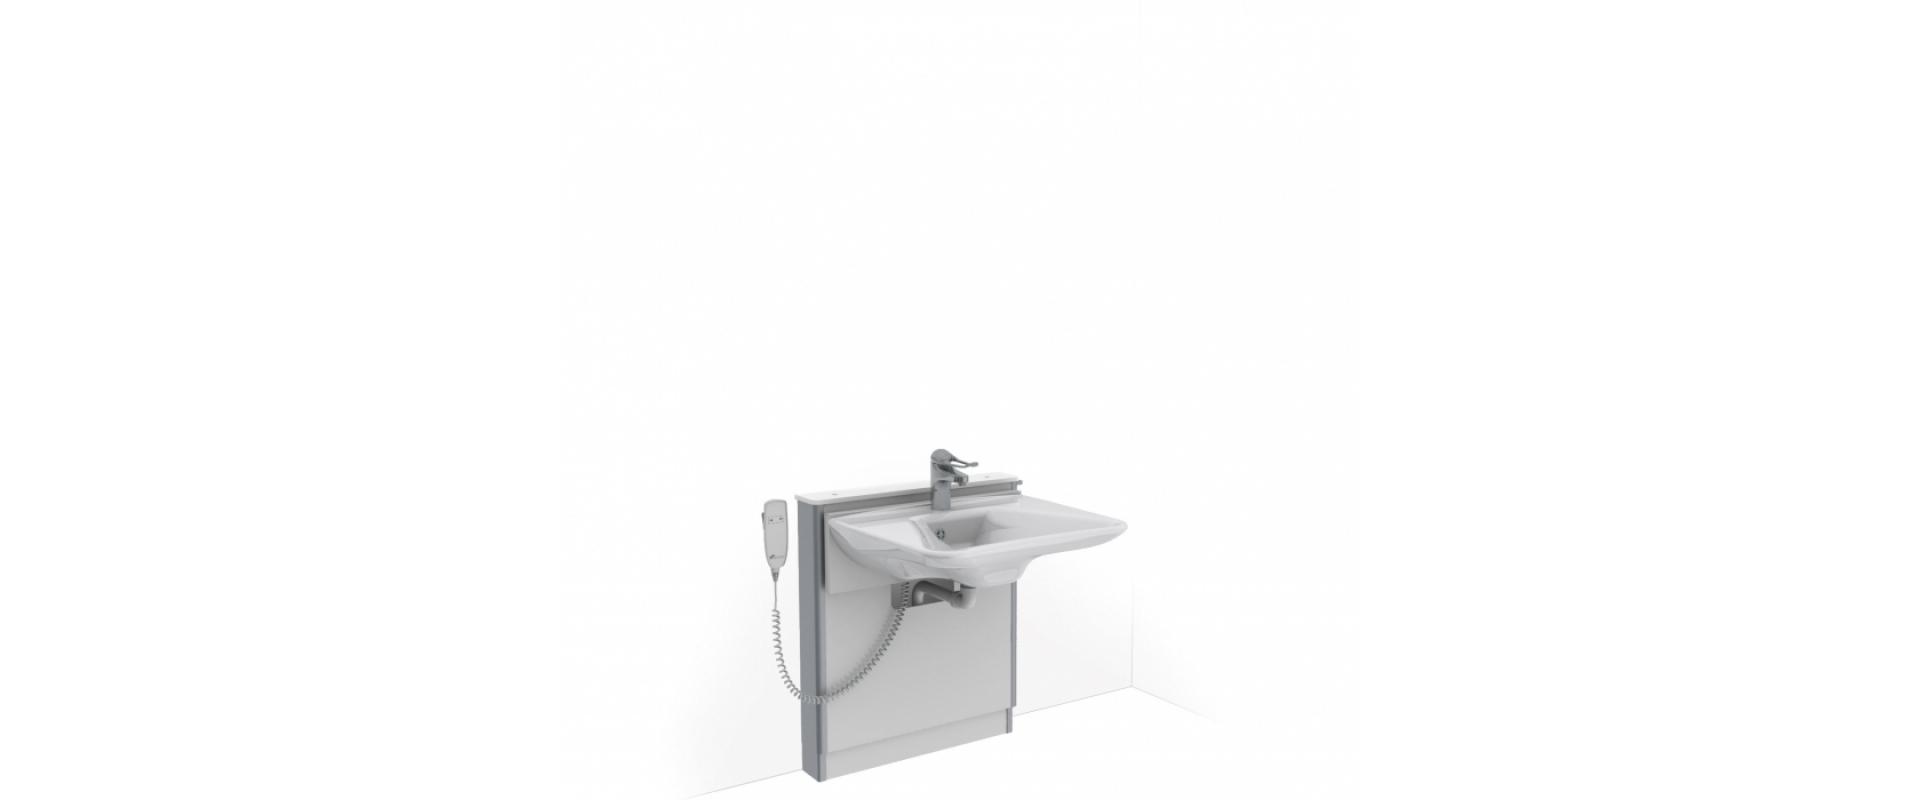 <b>Tvättställsmodul BASICLINE 415-01</b>